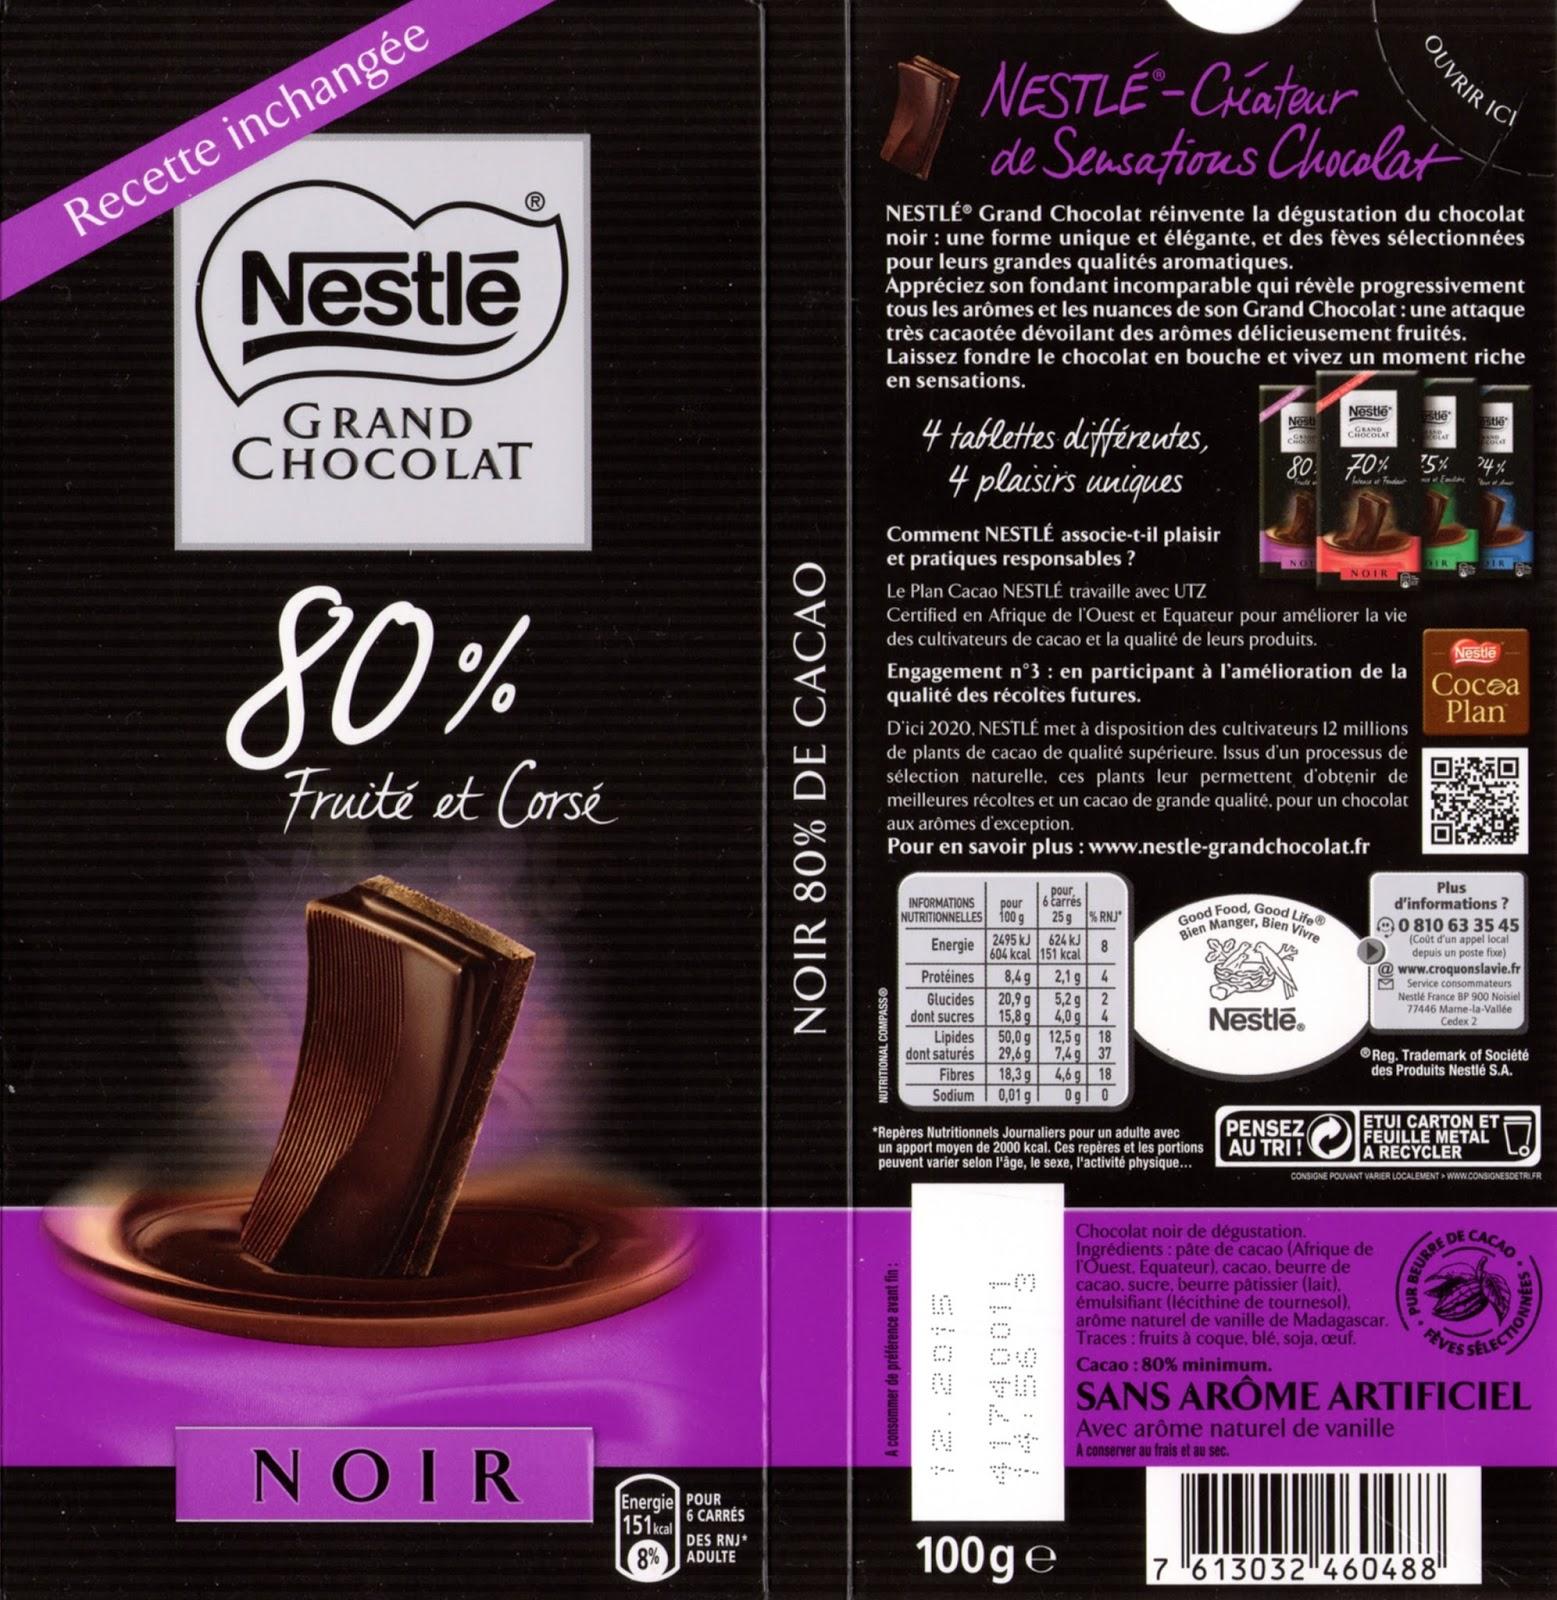 tablette de chocolat noir dégustation nestlé grand chocolat fruité et corsé 80